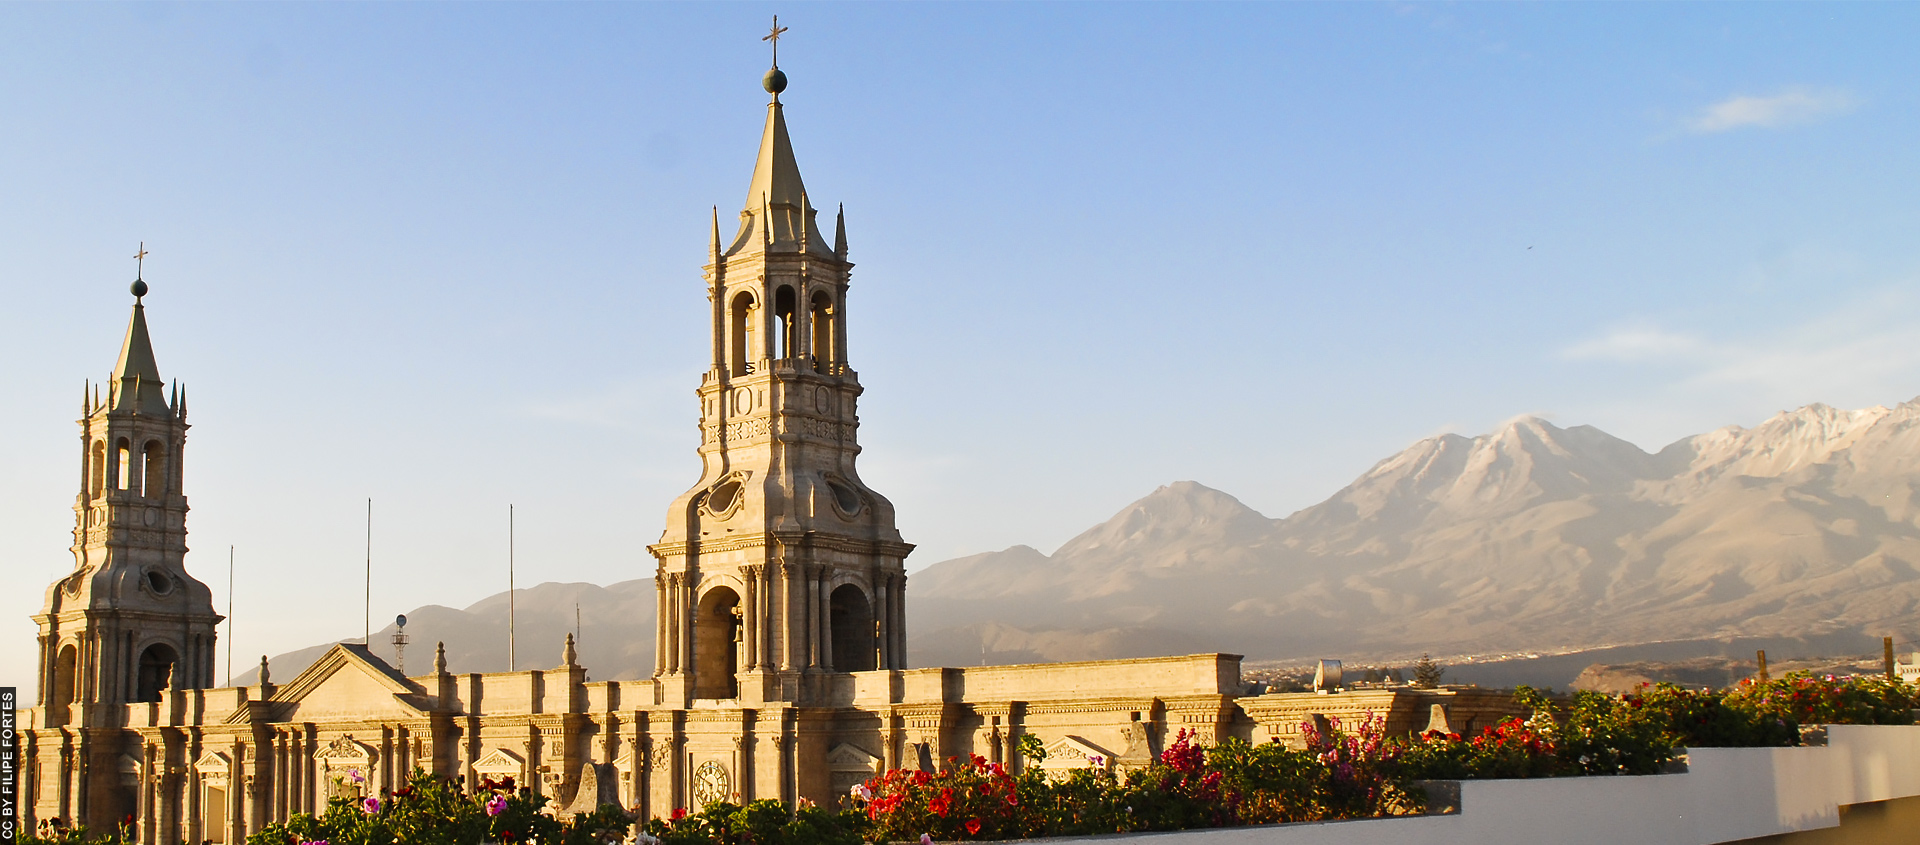 Agencia Viagens Machu Picchu no Peru